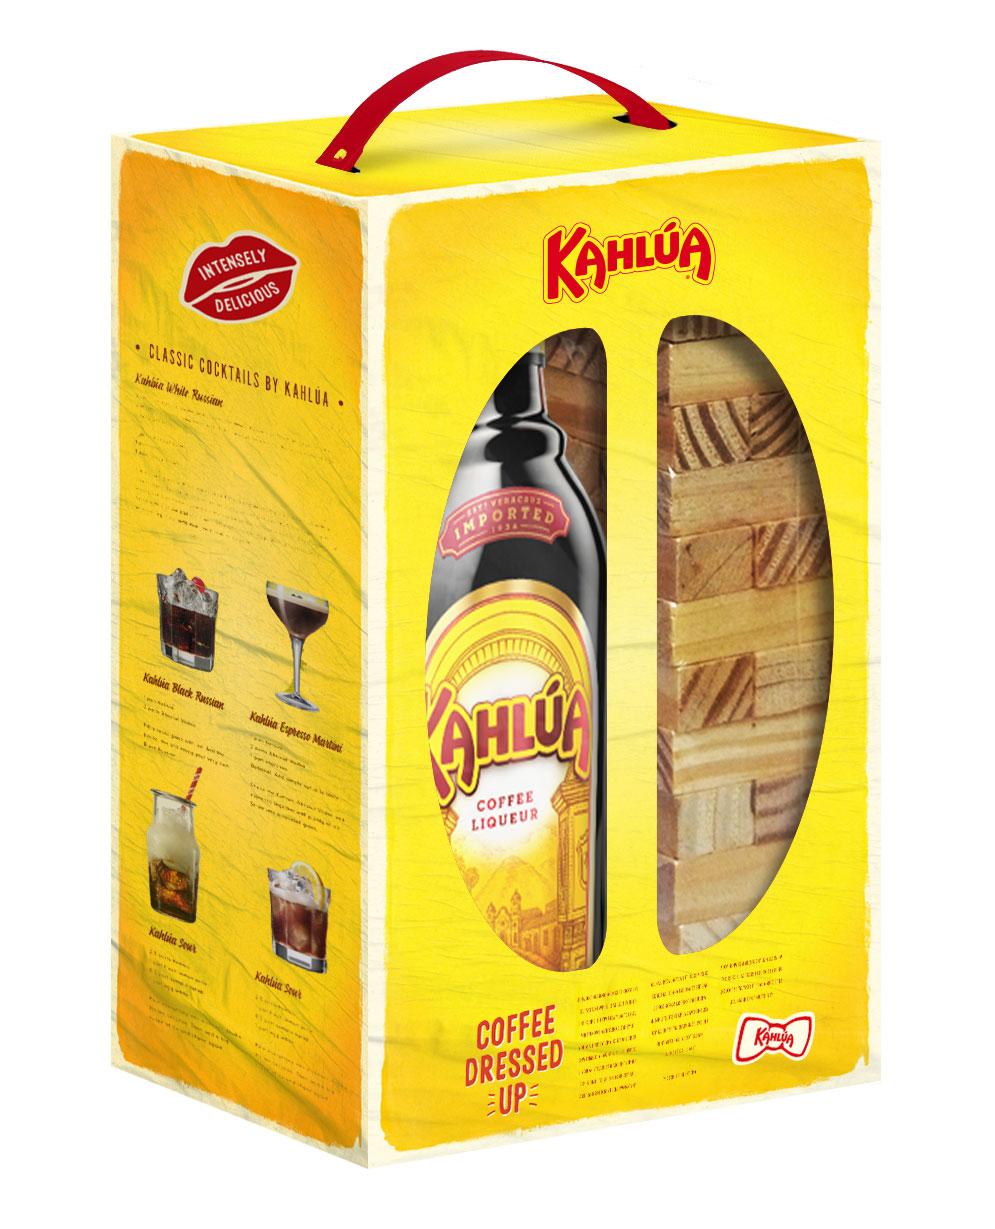 Kahlua-Jenga-gift-VAP.jpg